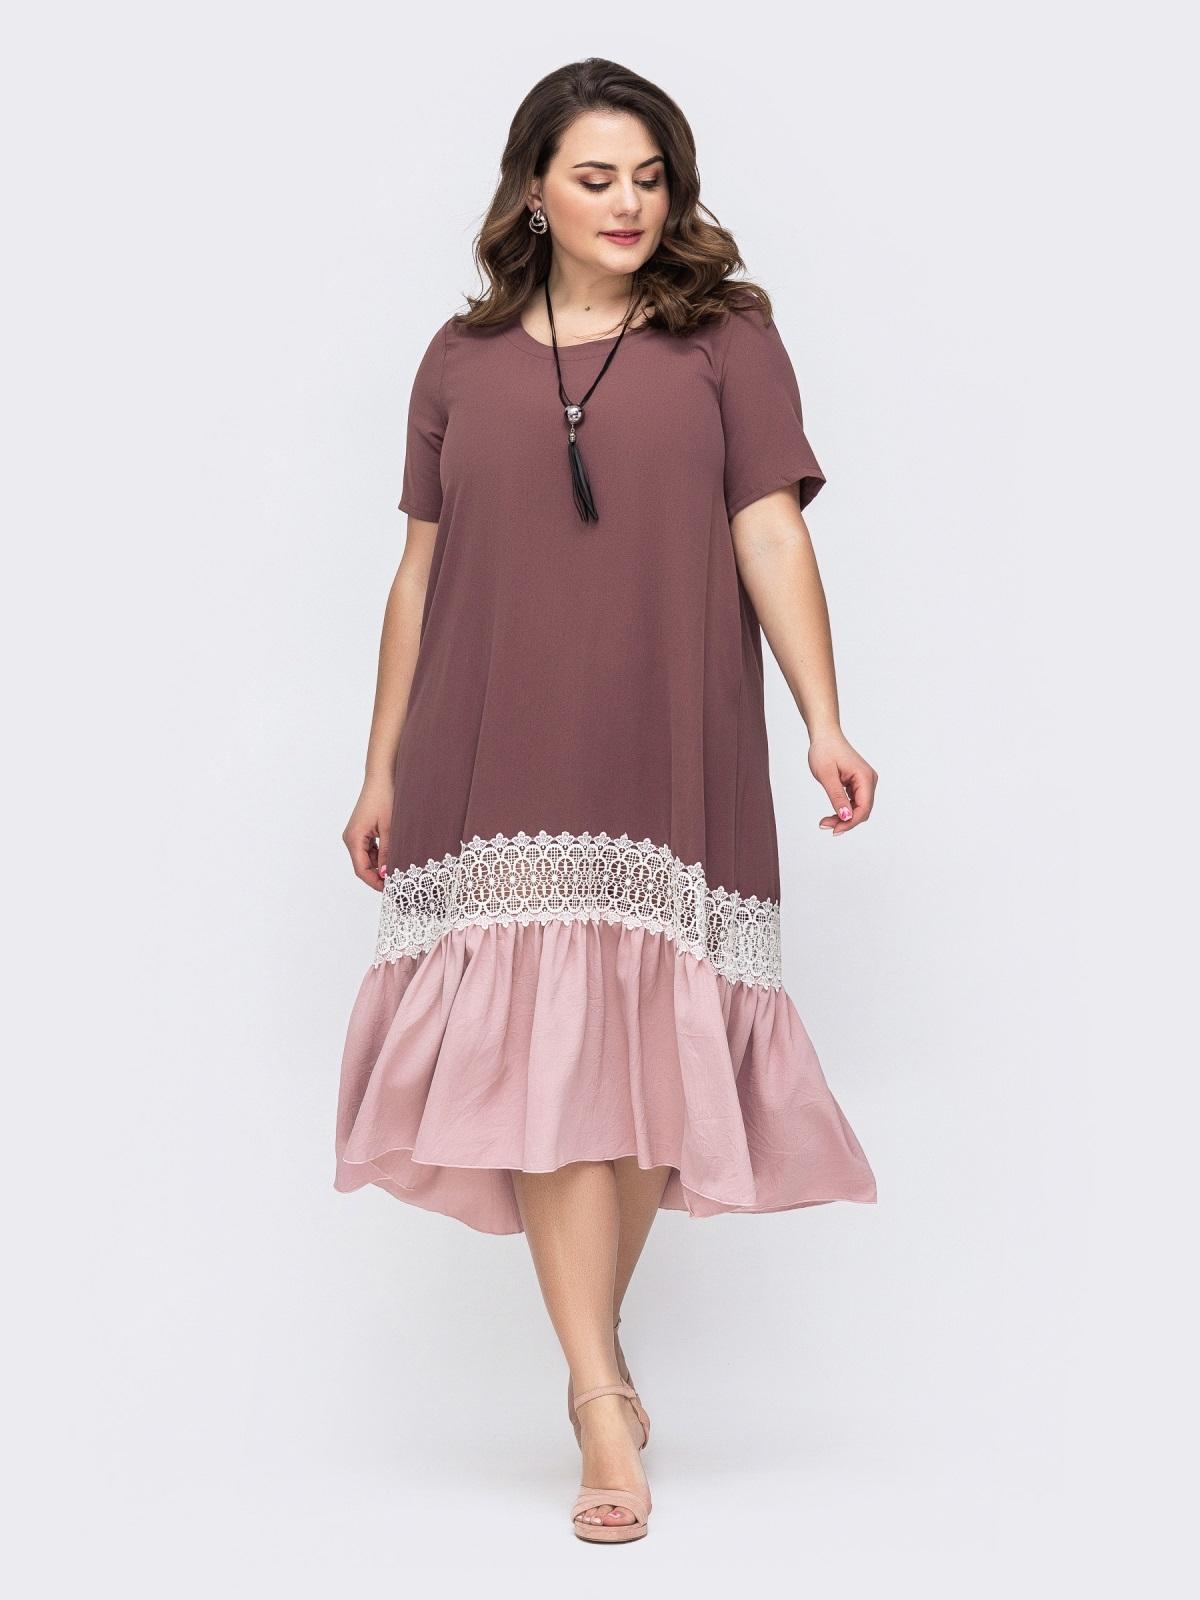 Пудровое платье батал с контрастным воланом по низу 46441, фото 1